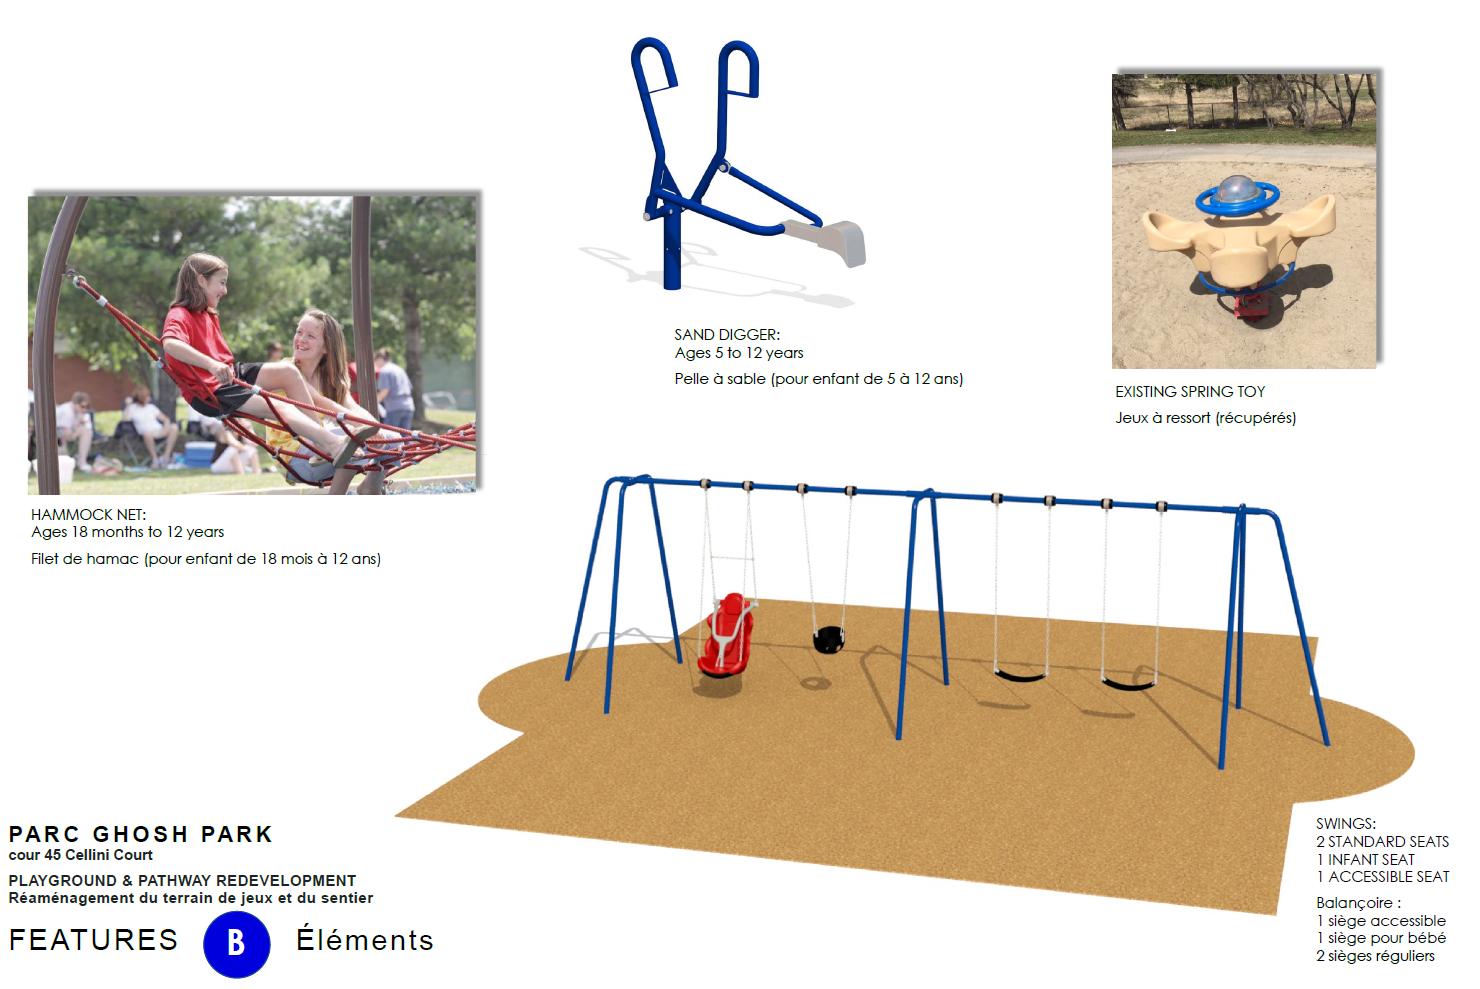 Image conceptuelle montrant le réaménagement du terrain de jeu dans Ghosh Park, indiquant ce qui suit: le filet de hamac; la pelle à sable pour la section du jeu de sable; le jeu à ressort (récupérés), et la section des balançoires, y compris une siège accessible, une siège pour bébé, et deux sièges réguliers.